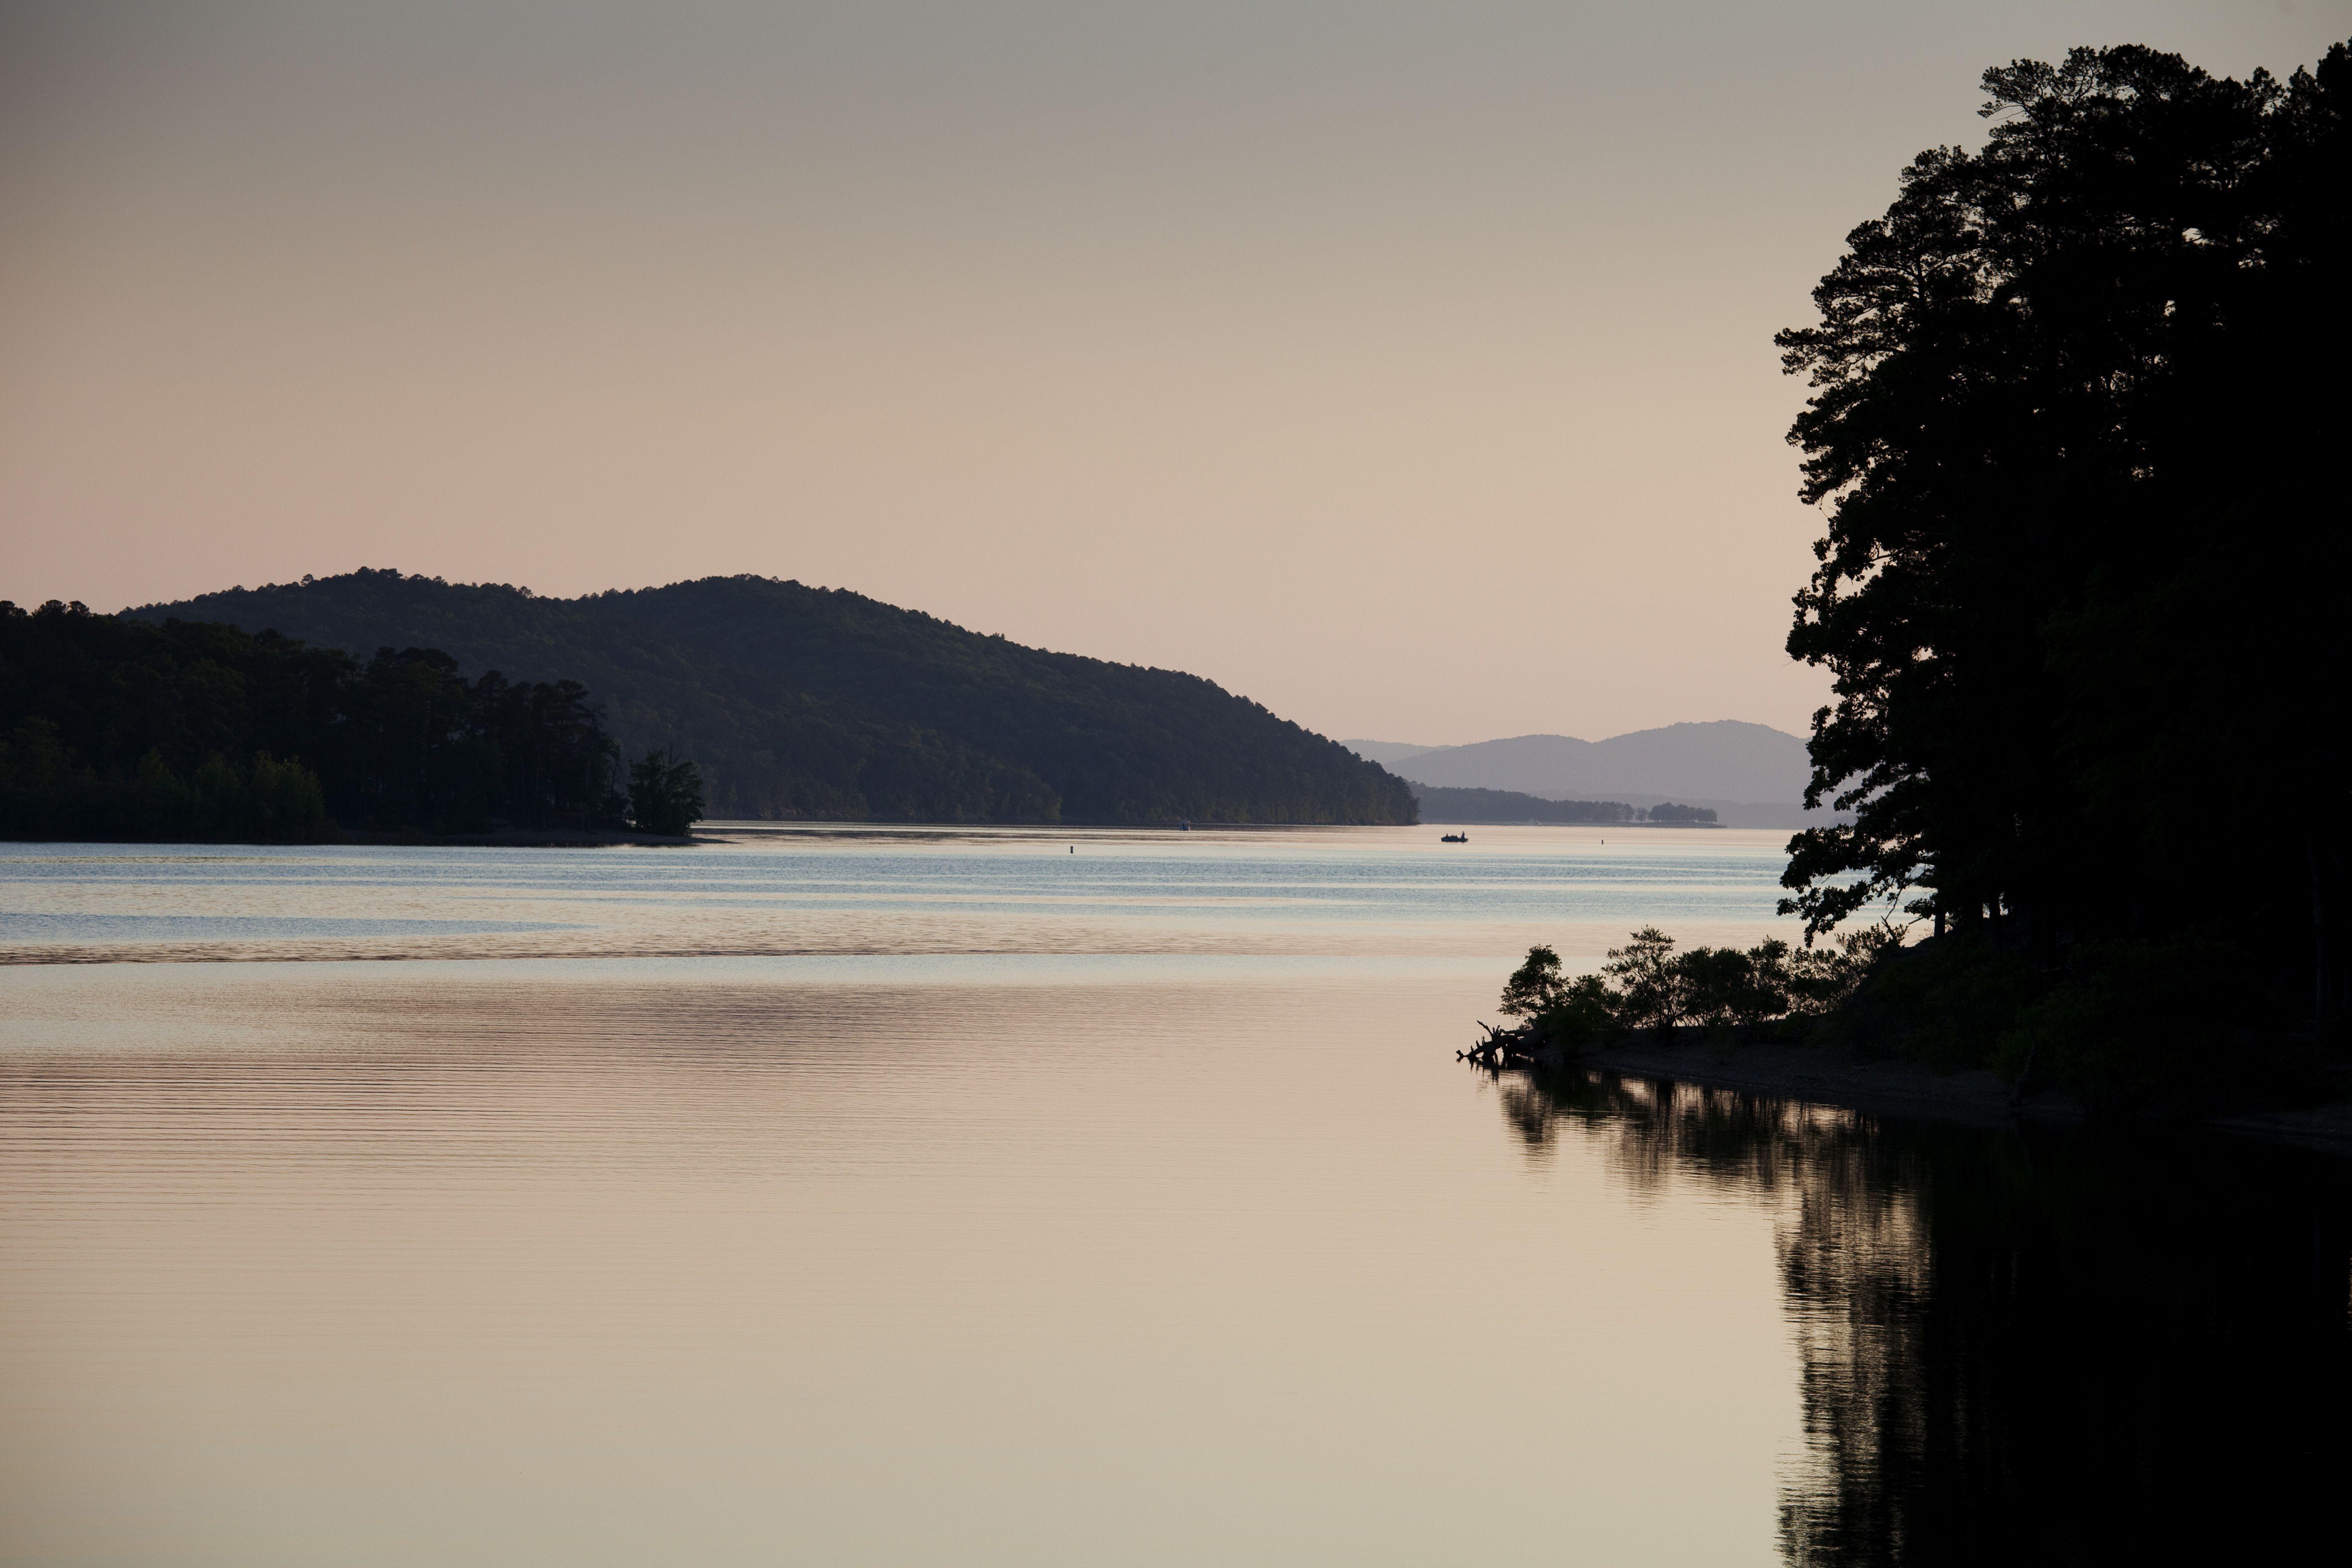 Lake Ouachita, Ouachita National Forest, Arkansas, USA